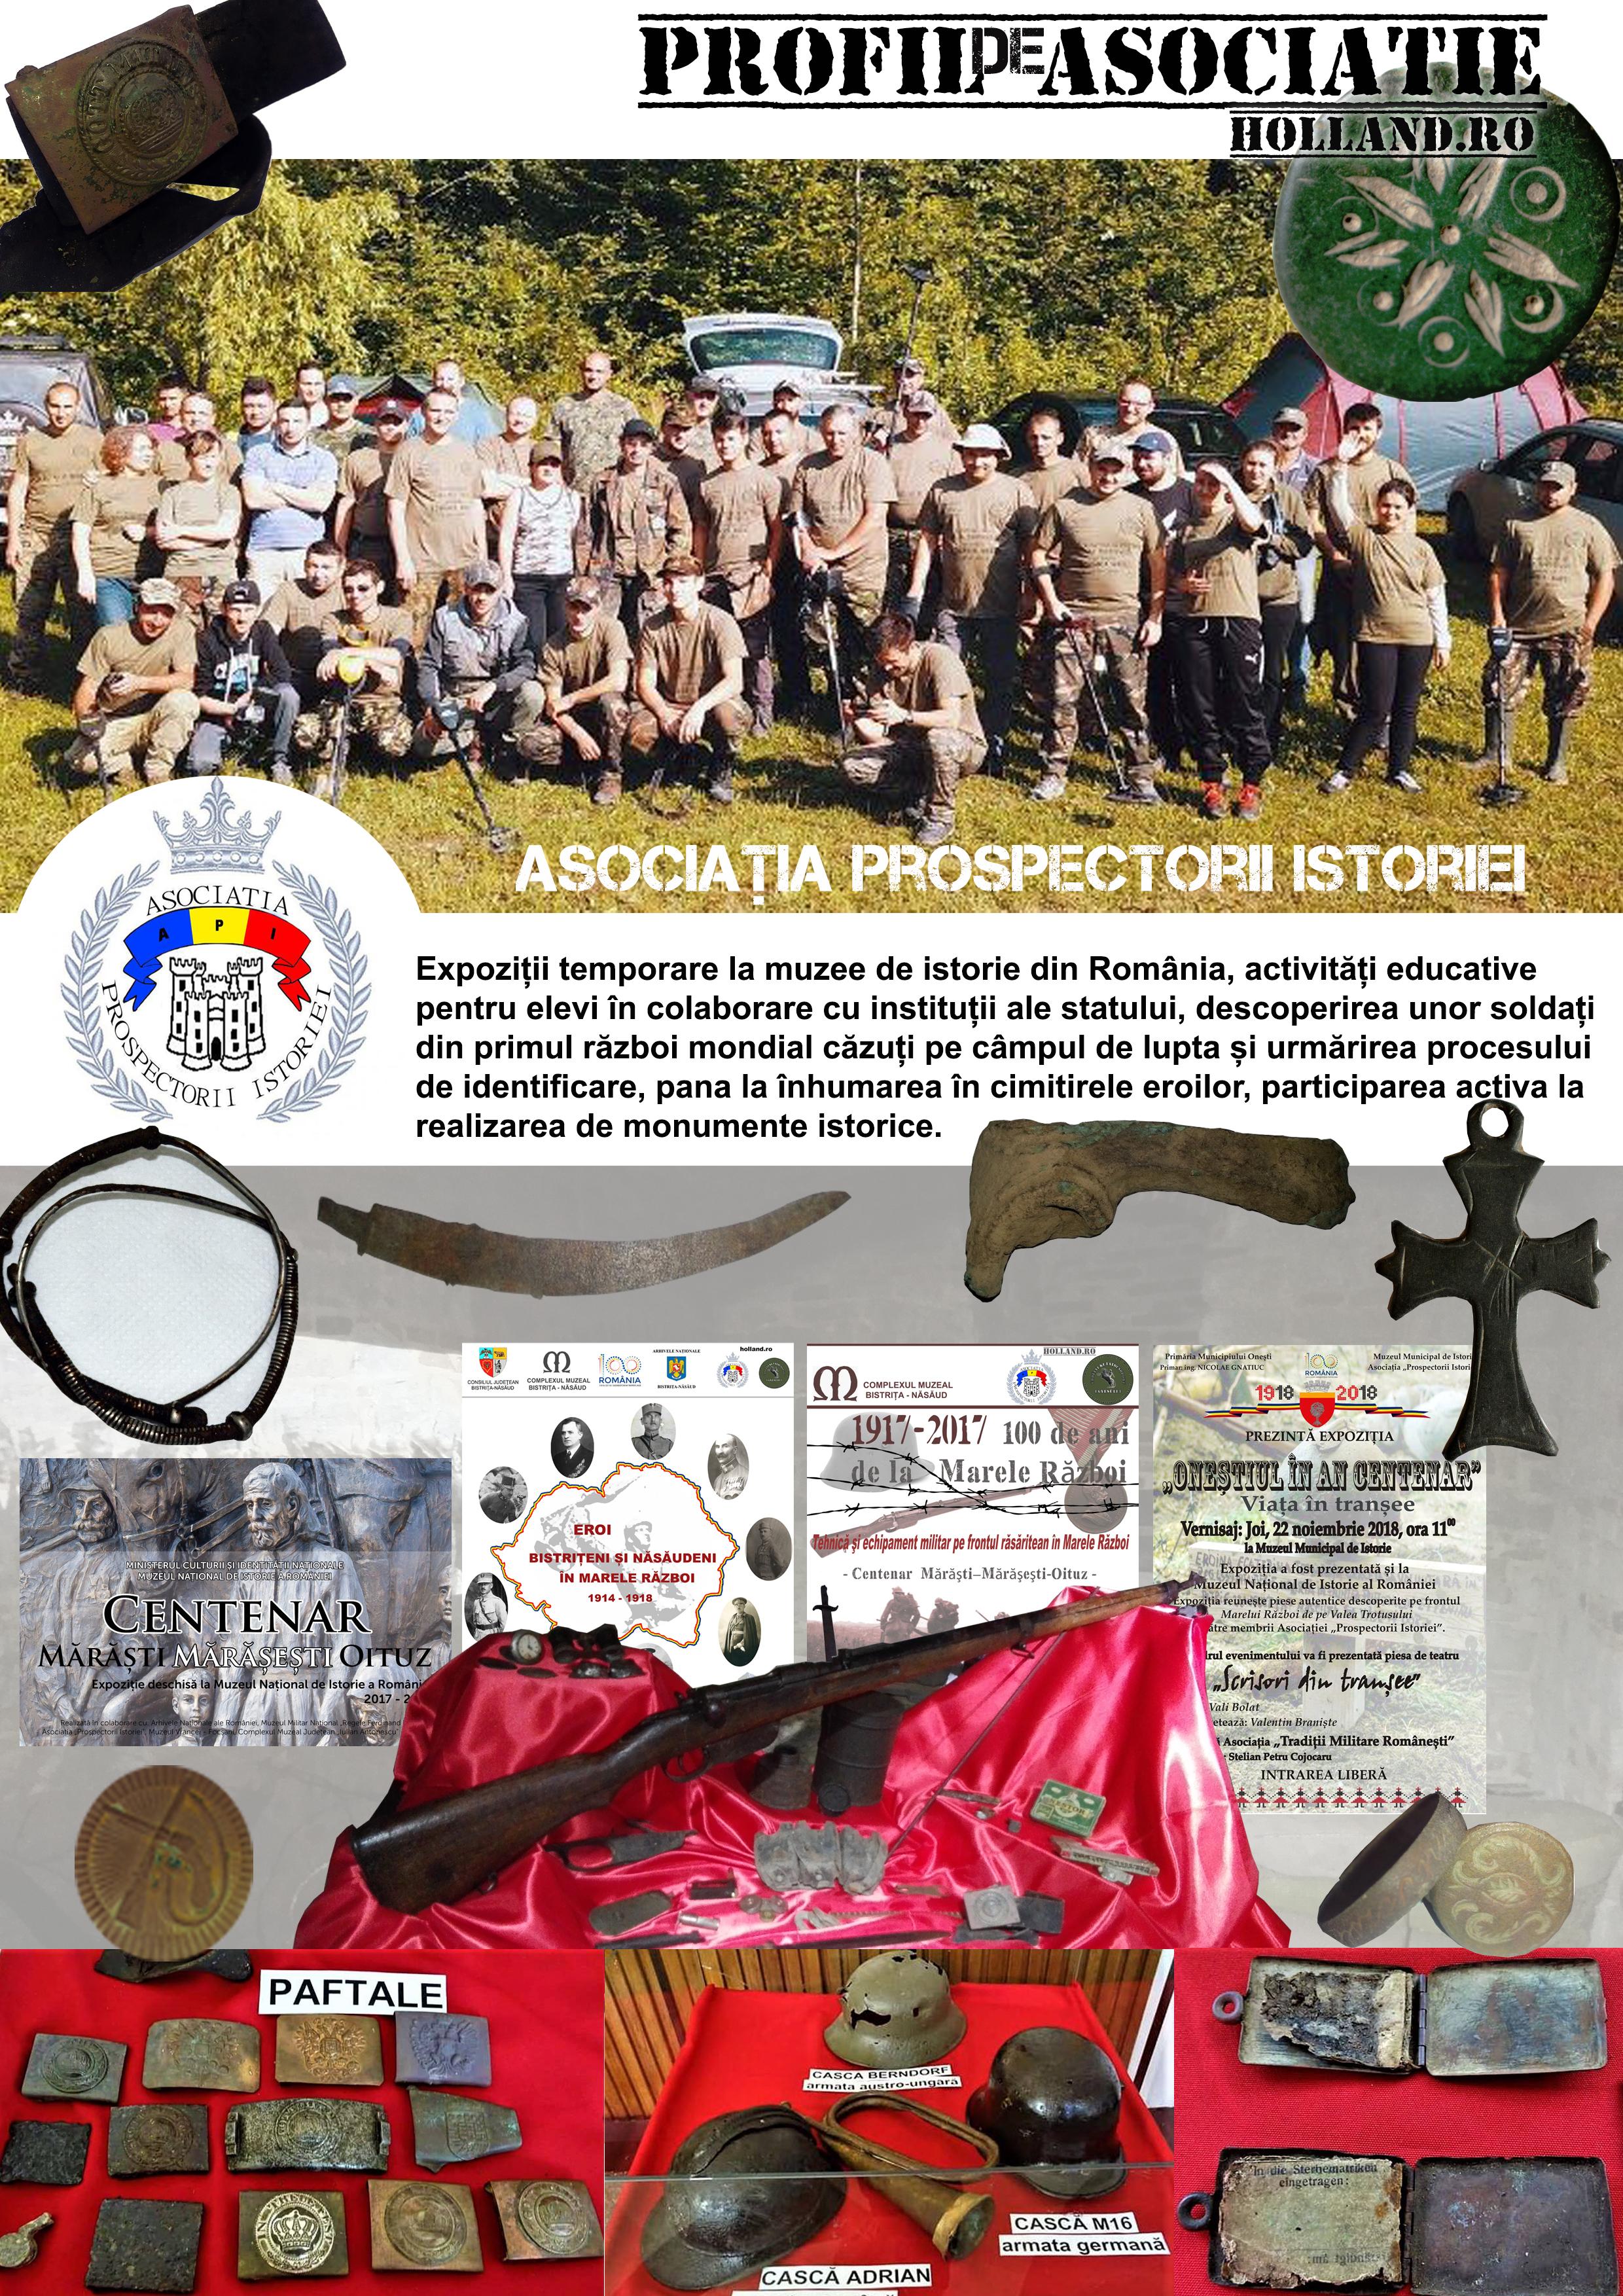 Profil de Asociatie - PROSPECTORII ISTORIEI - API